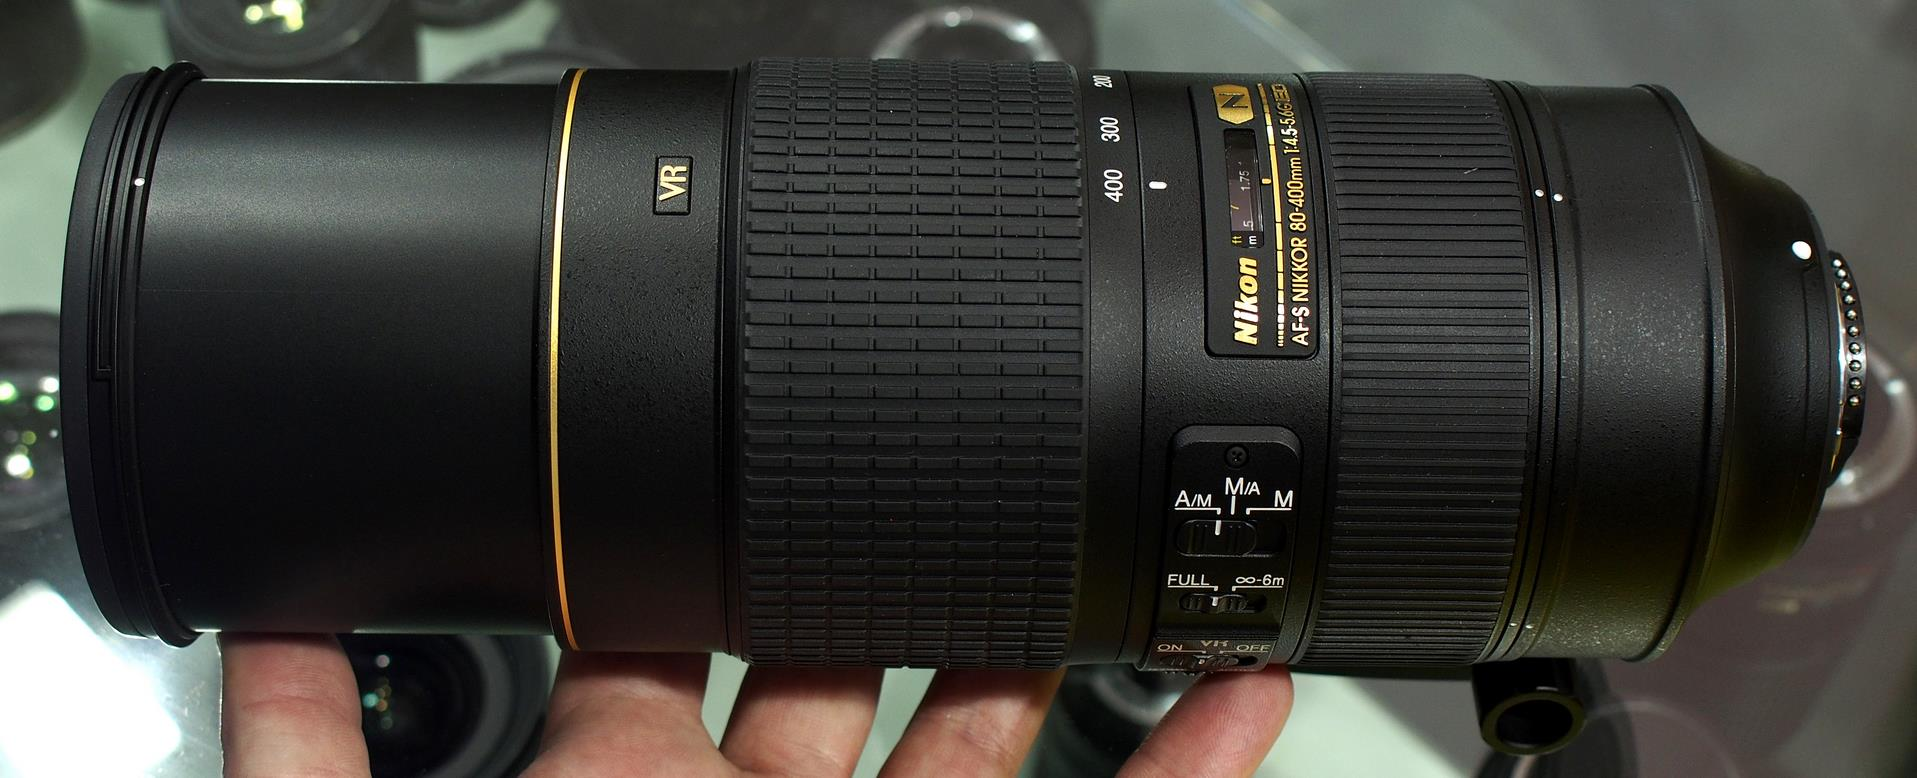 AF-S NIKKOR 80-400mm f/4.5-5.6G ED VR Lens DxOMark Tested ...